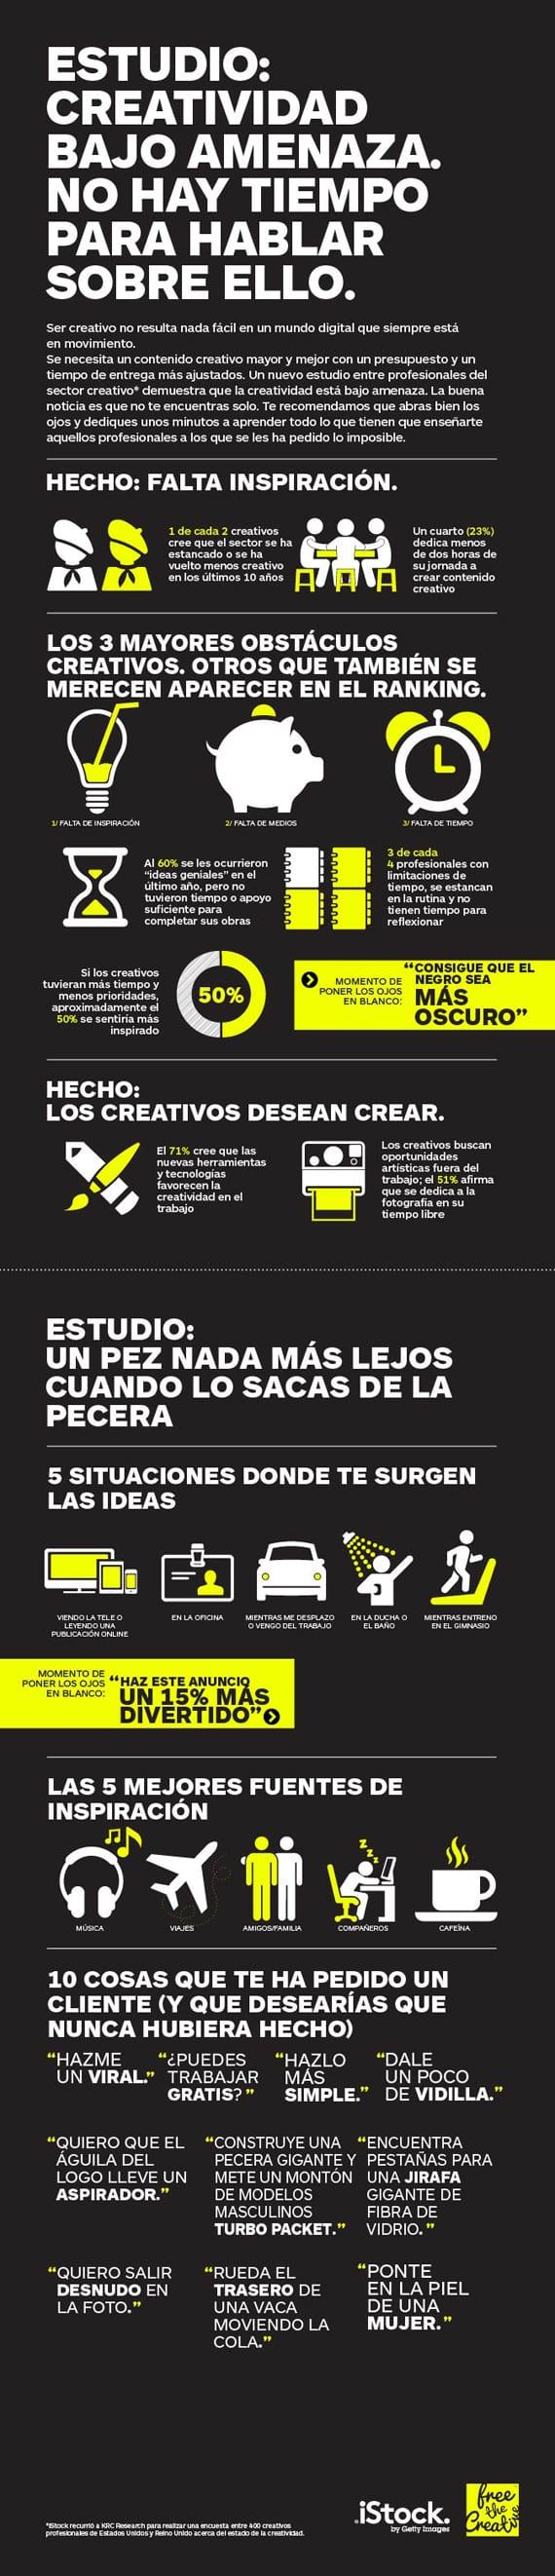 Estudio: la creatividad bajo amenaza